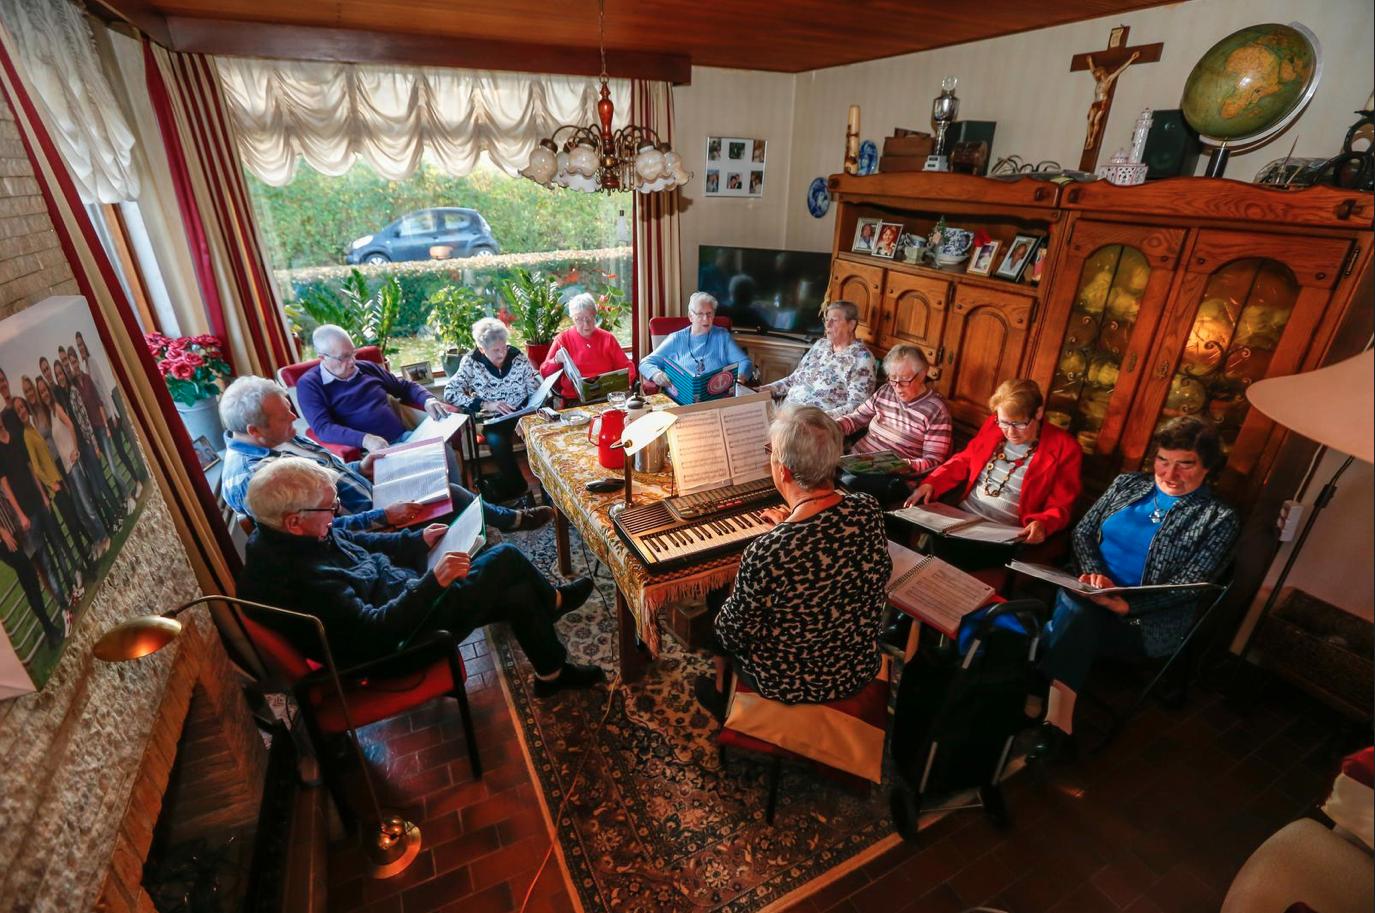 86-jarige bestrijdt eenzaamheid met huiskamerkoor: 'Je hoeft geen nachtegaal te zijn' [video]